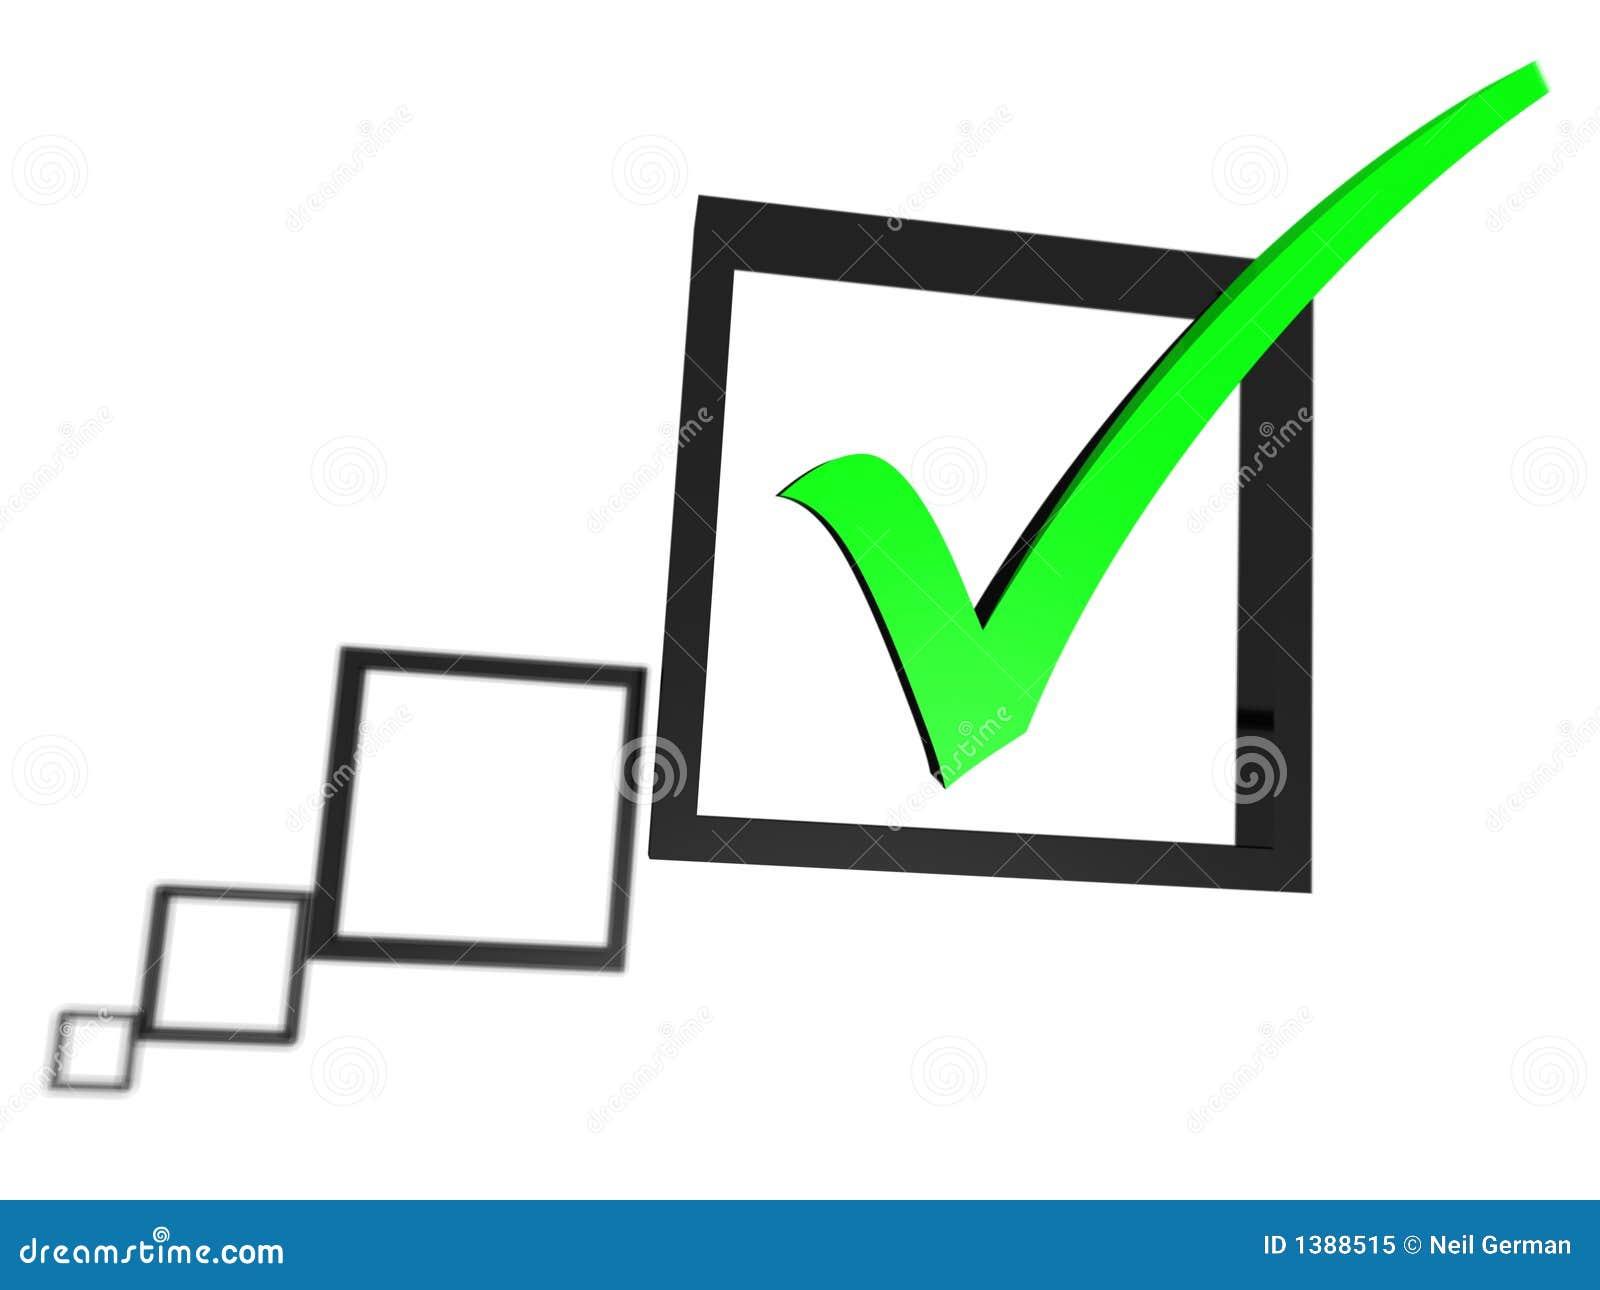 Tiquetaque verde em uma lista da caixa de verificação